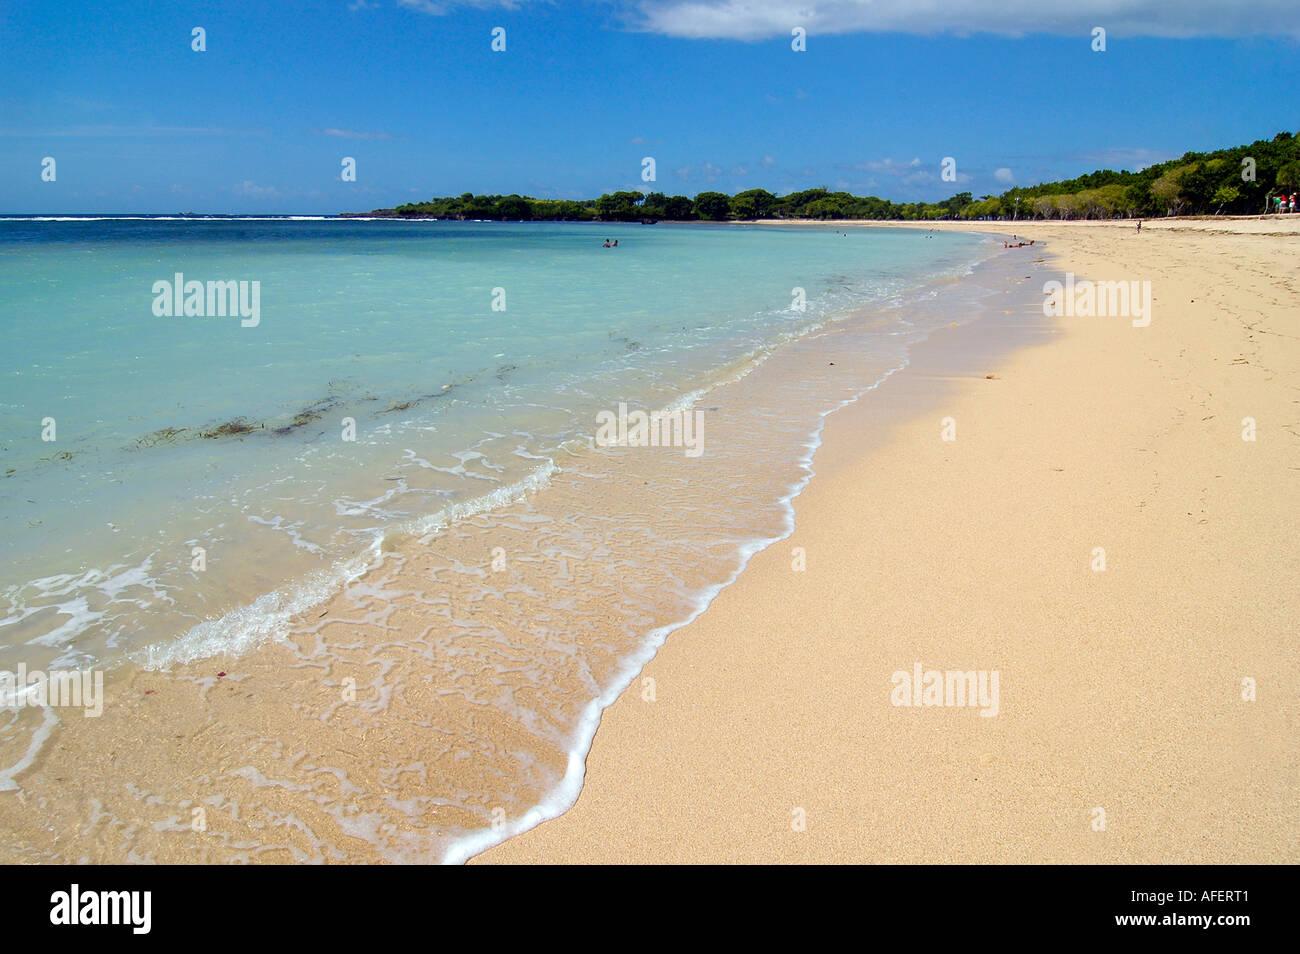 Walu Stock Photos & Walu Stock Images - Alamy